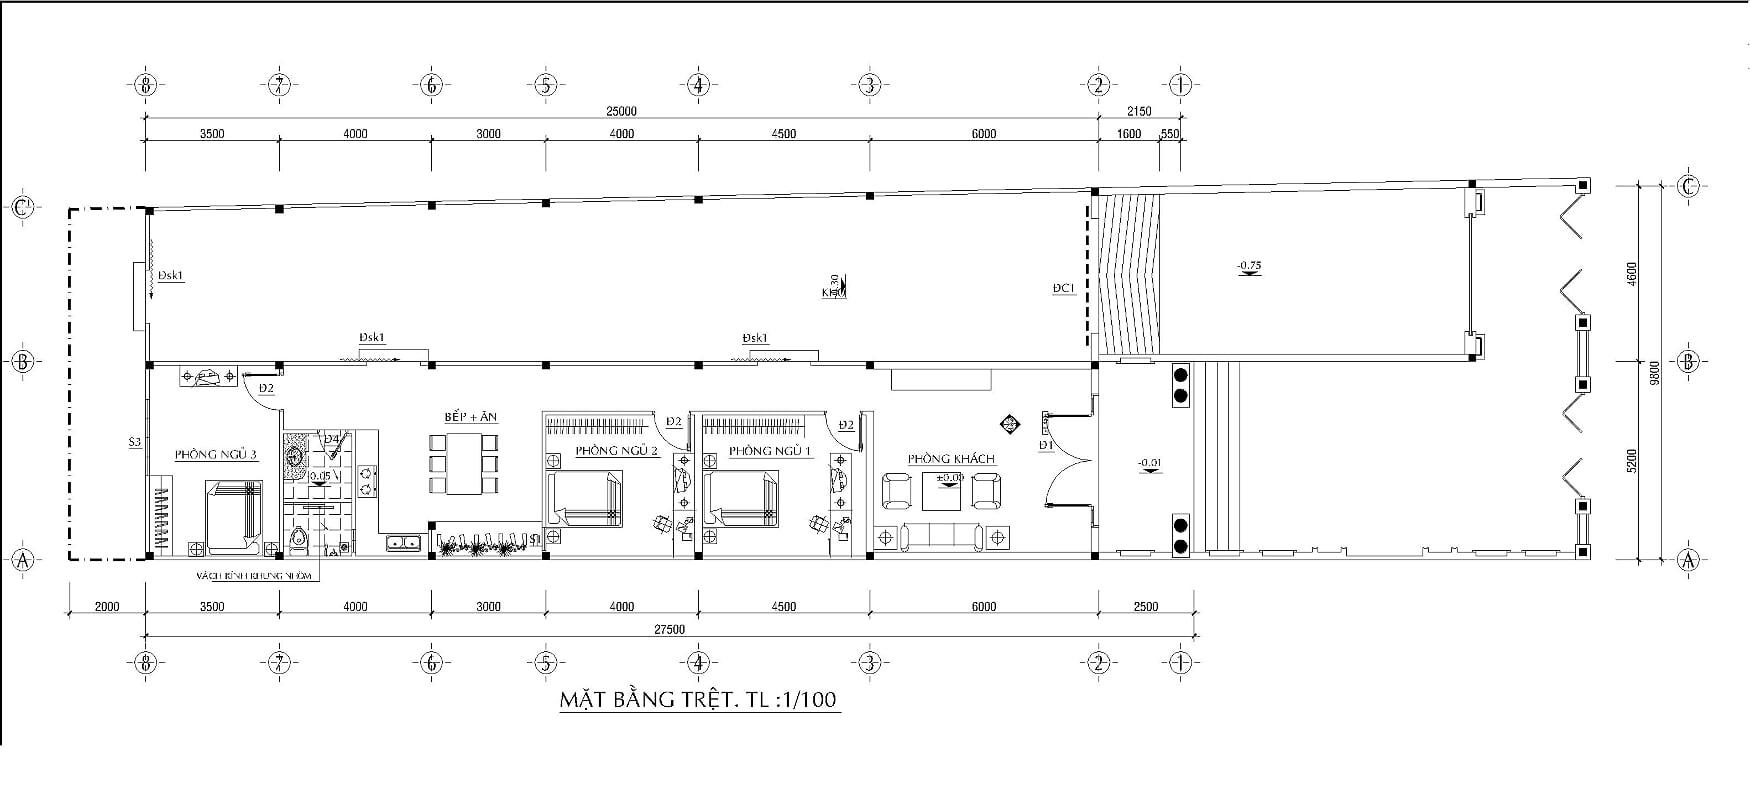 Hình ảnh: Bản vẽ mặt bằng tổng thể ngôi biệt thự 1 tầng mái thái kiến trúc tân cổ điển